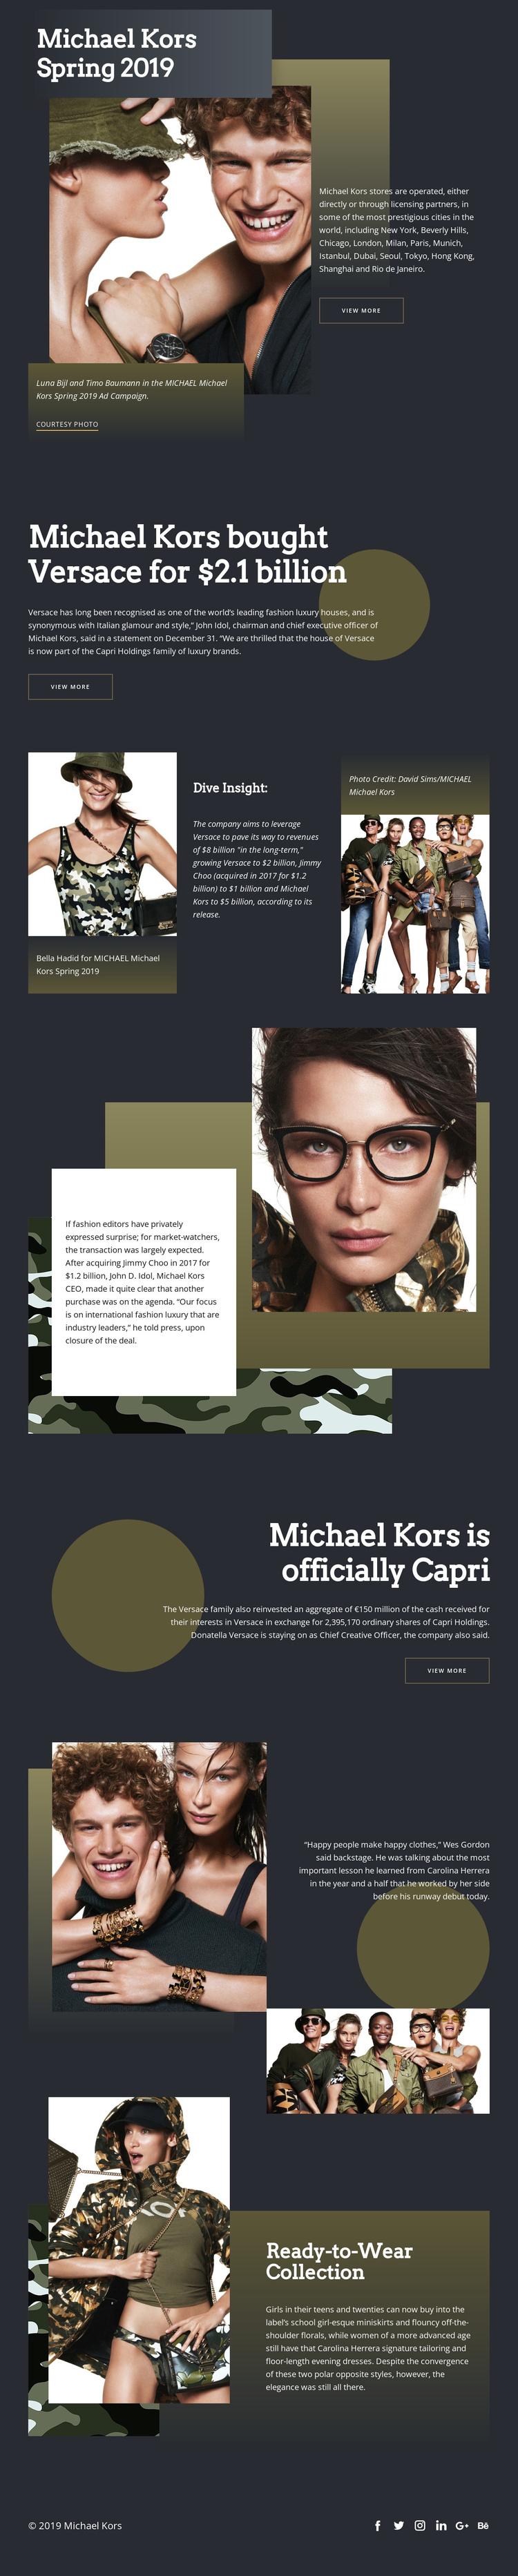 Michael Kors Dark Website Builder Software